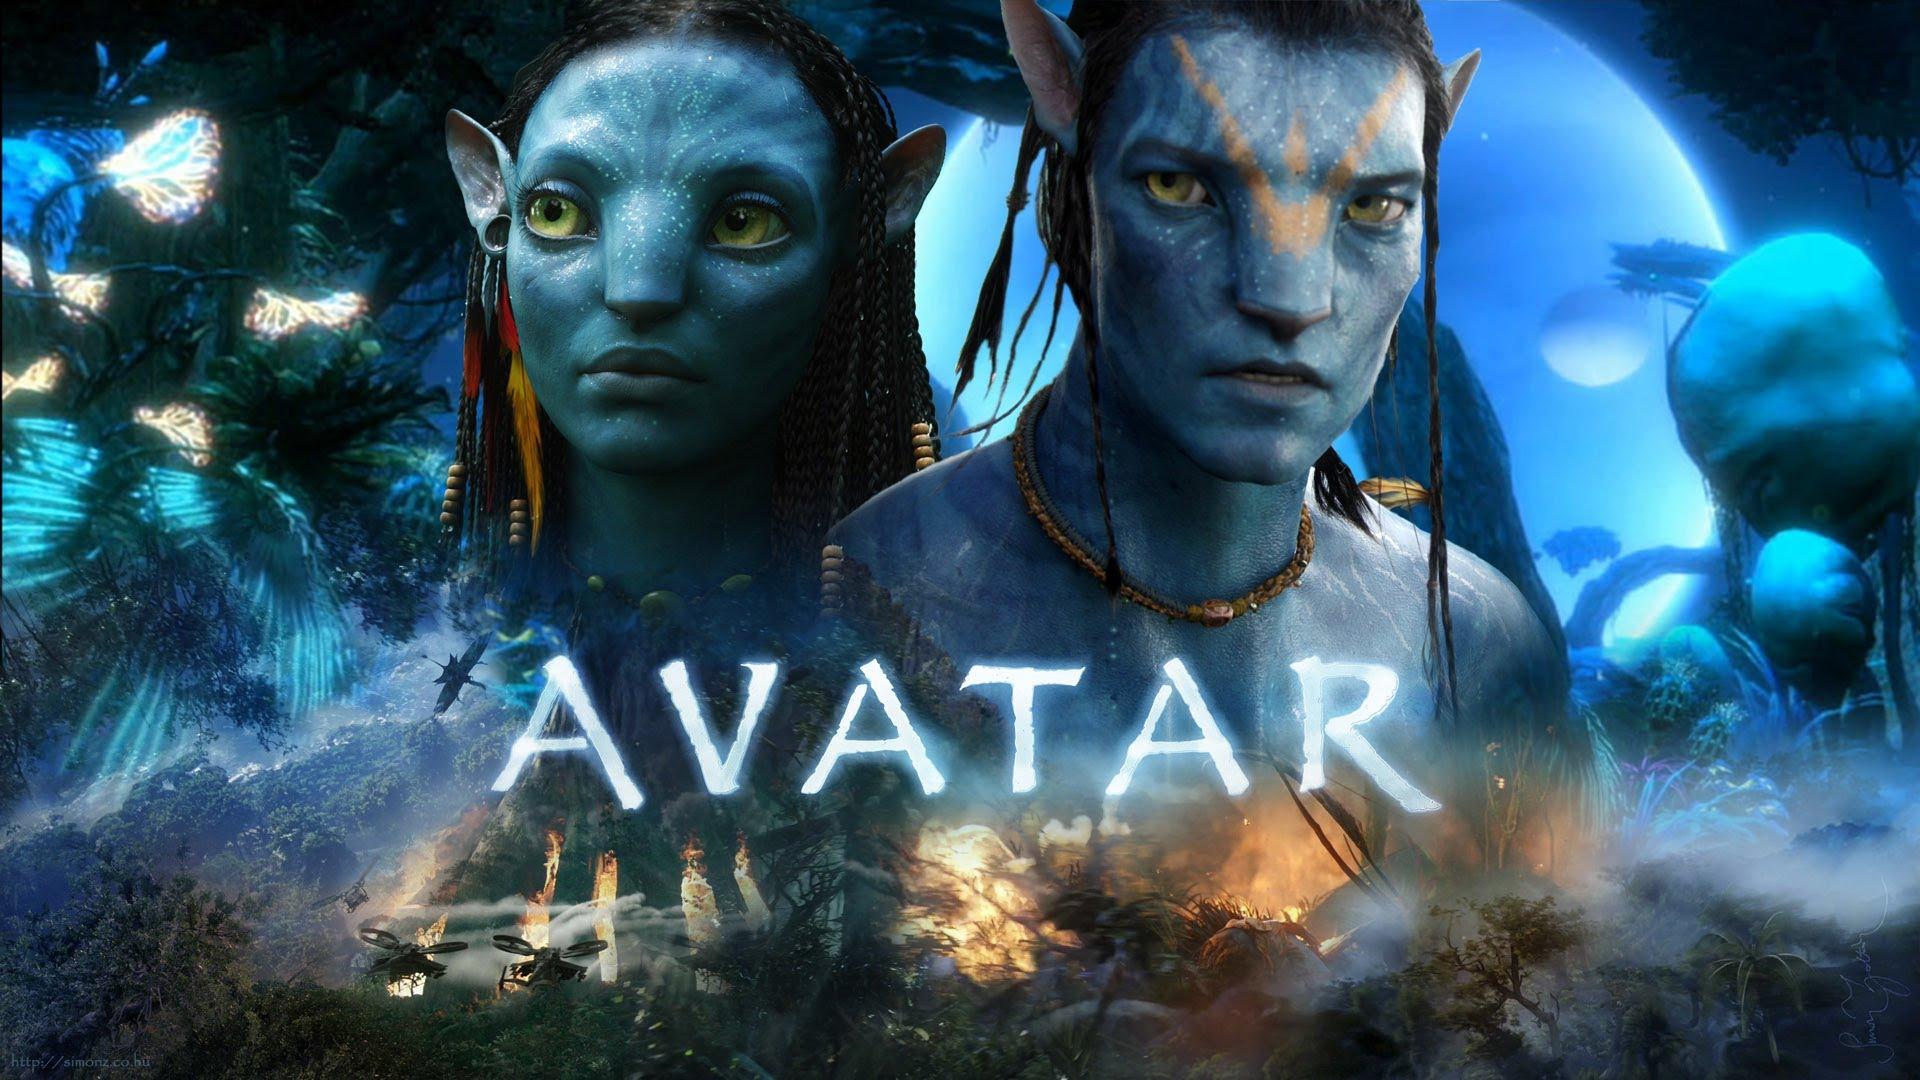 Продолжение «Аватара» выйдет в новом 3D-формате, где зрителям не надо одевать очки